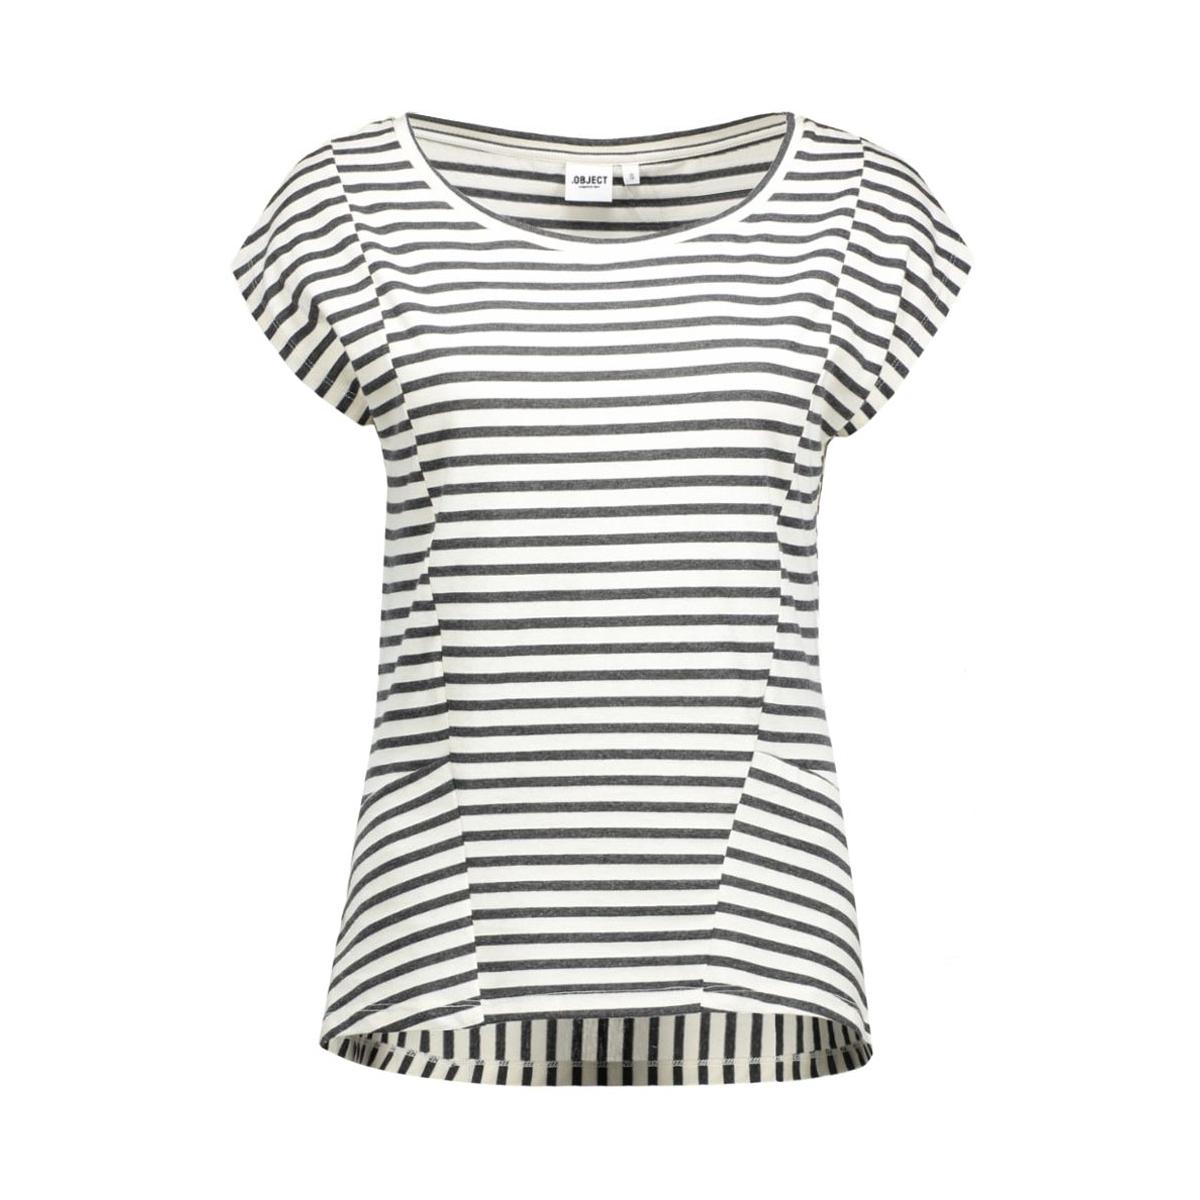 objkany s/s tee a 23024048 object t-shirt gardenia